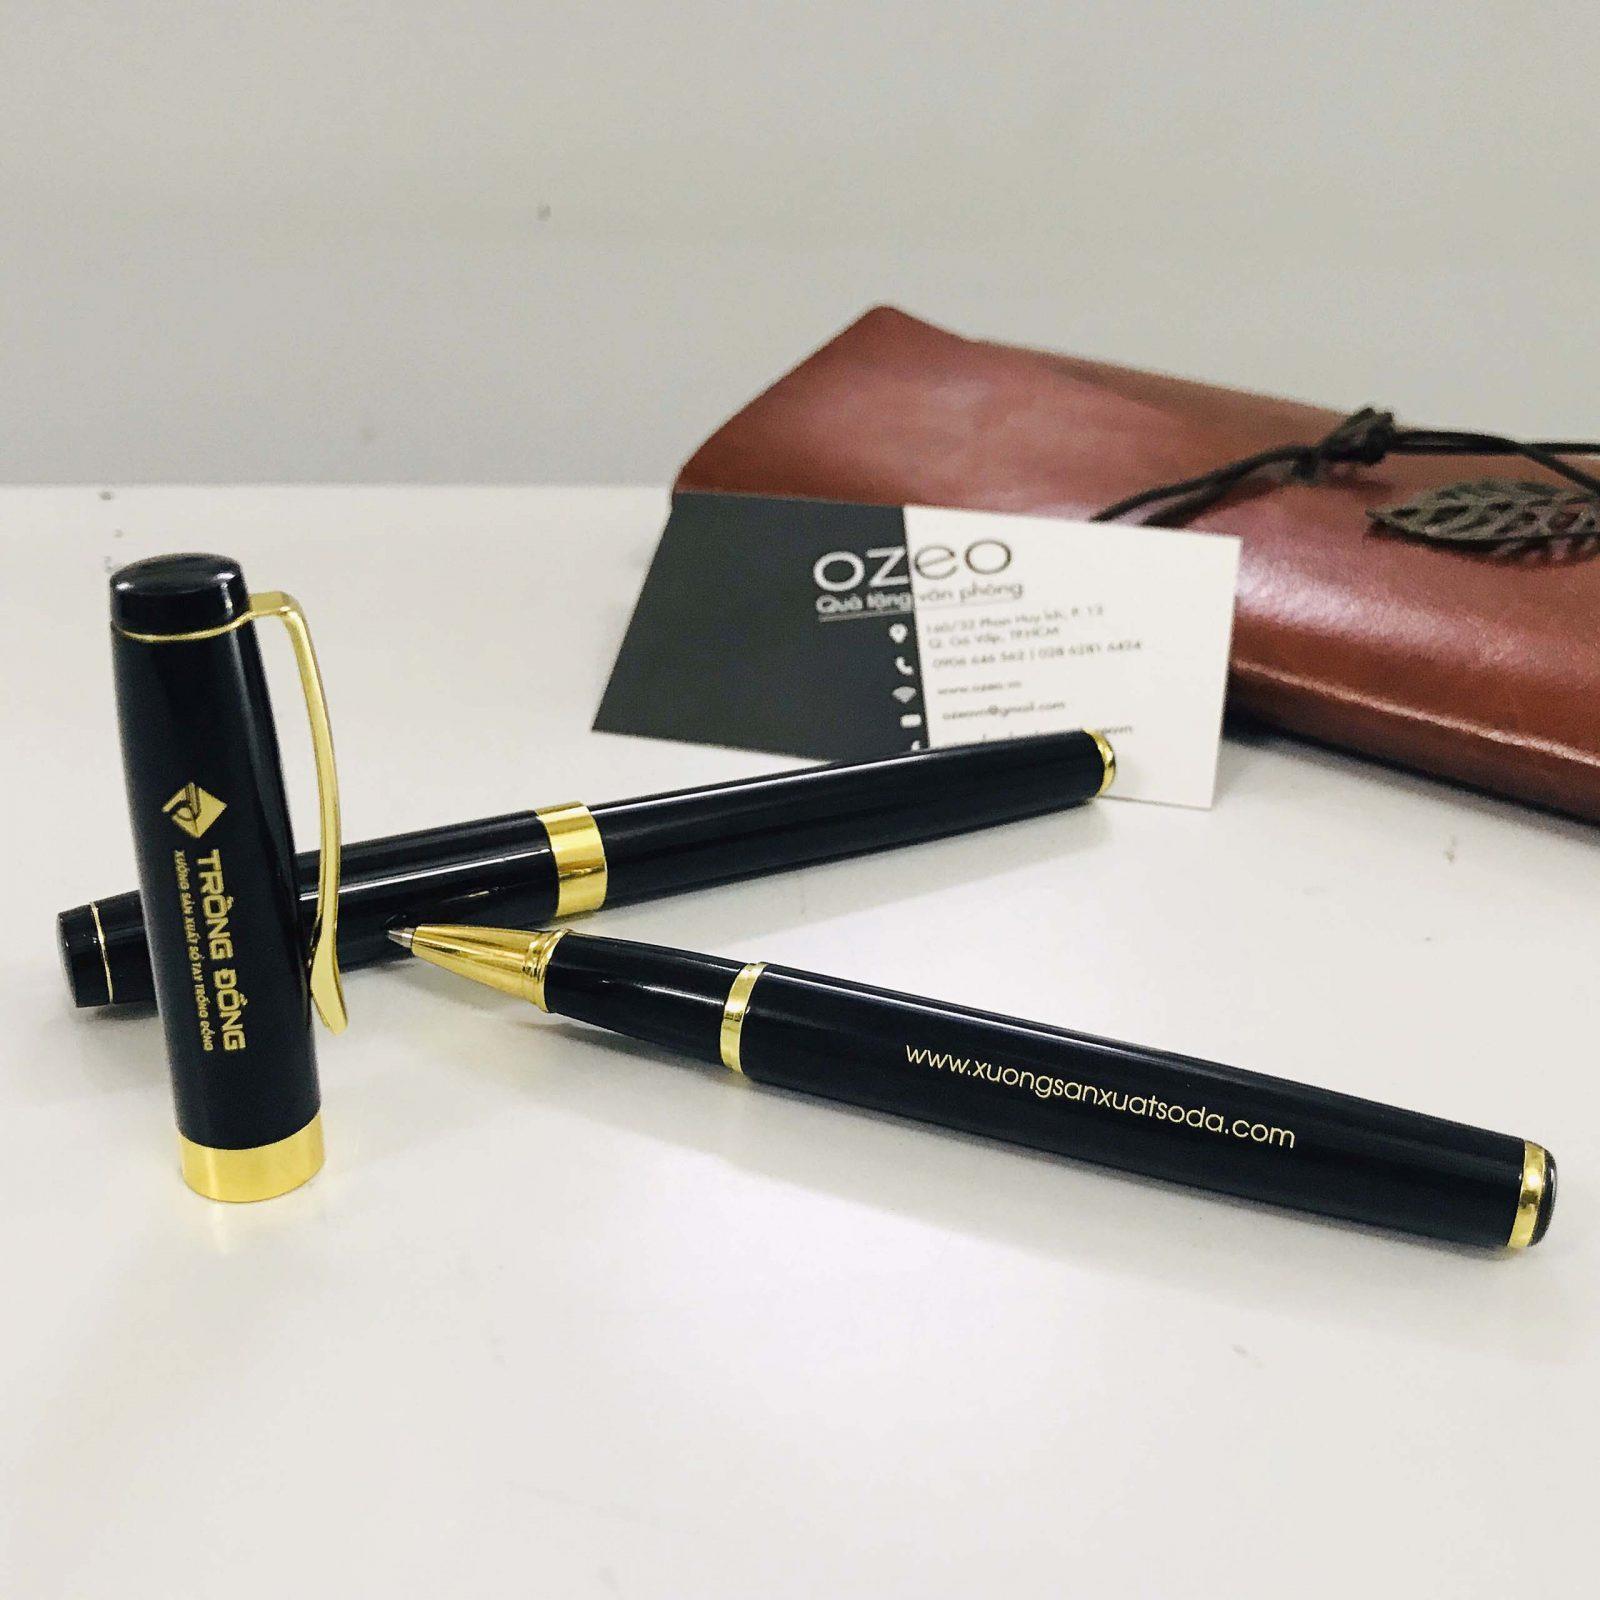 Nắp bút được thiết kế khá cầu kì với các hoa văn tinh tế và phần quai gài được làm nổi bật bằng màu vàng